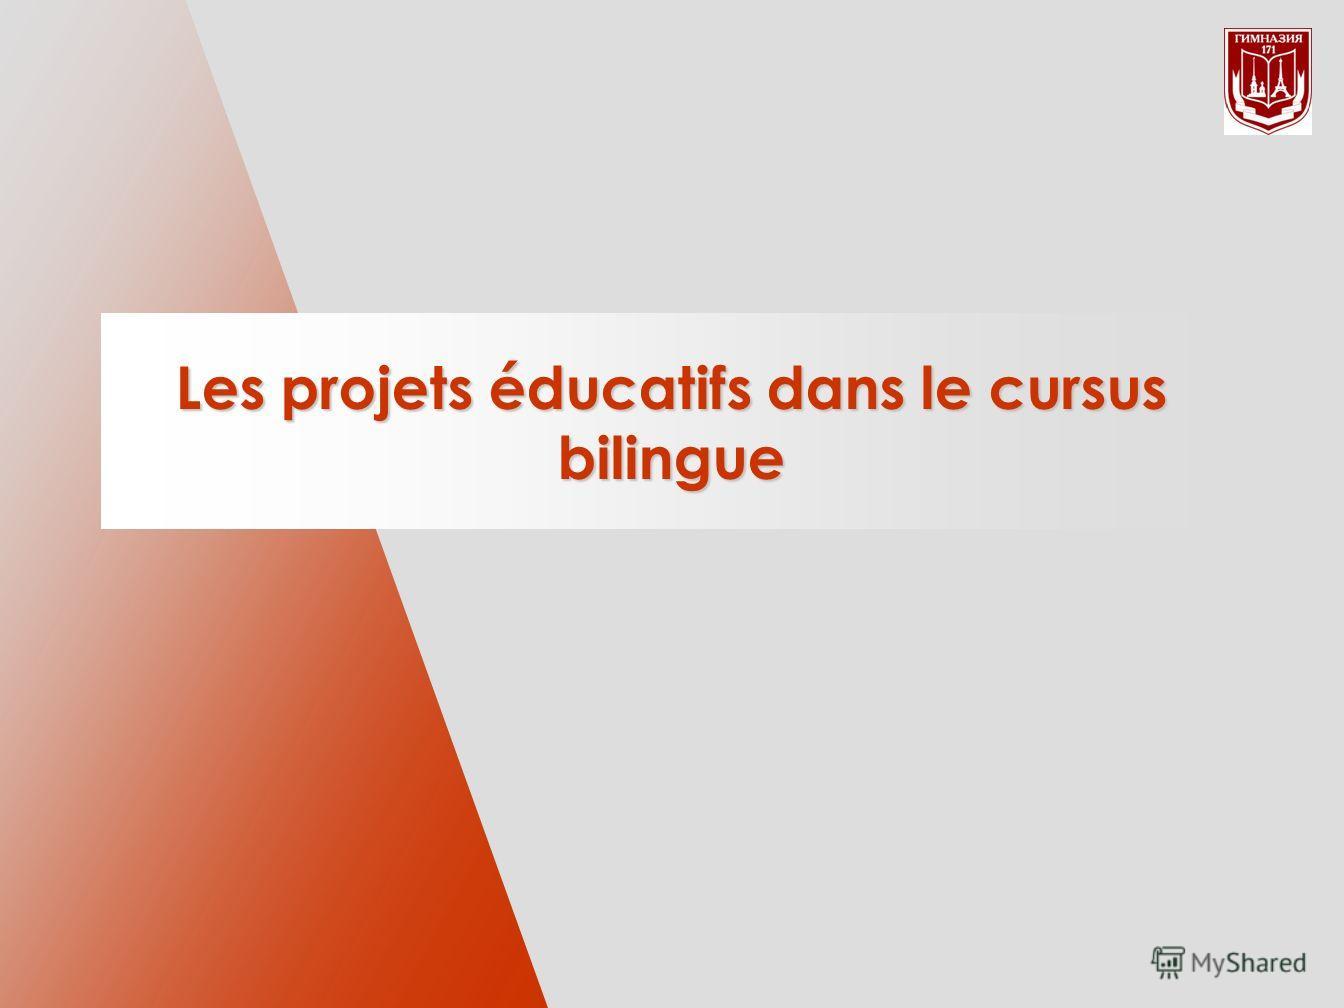 Les projets éducatifs dans le cursus bilingue